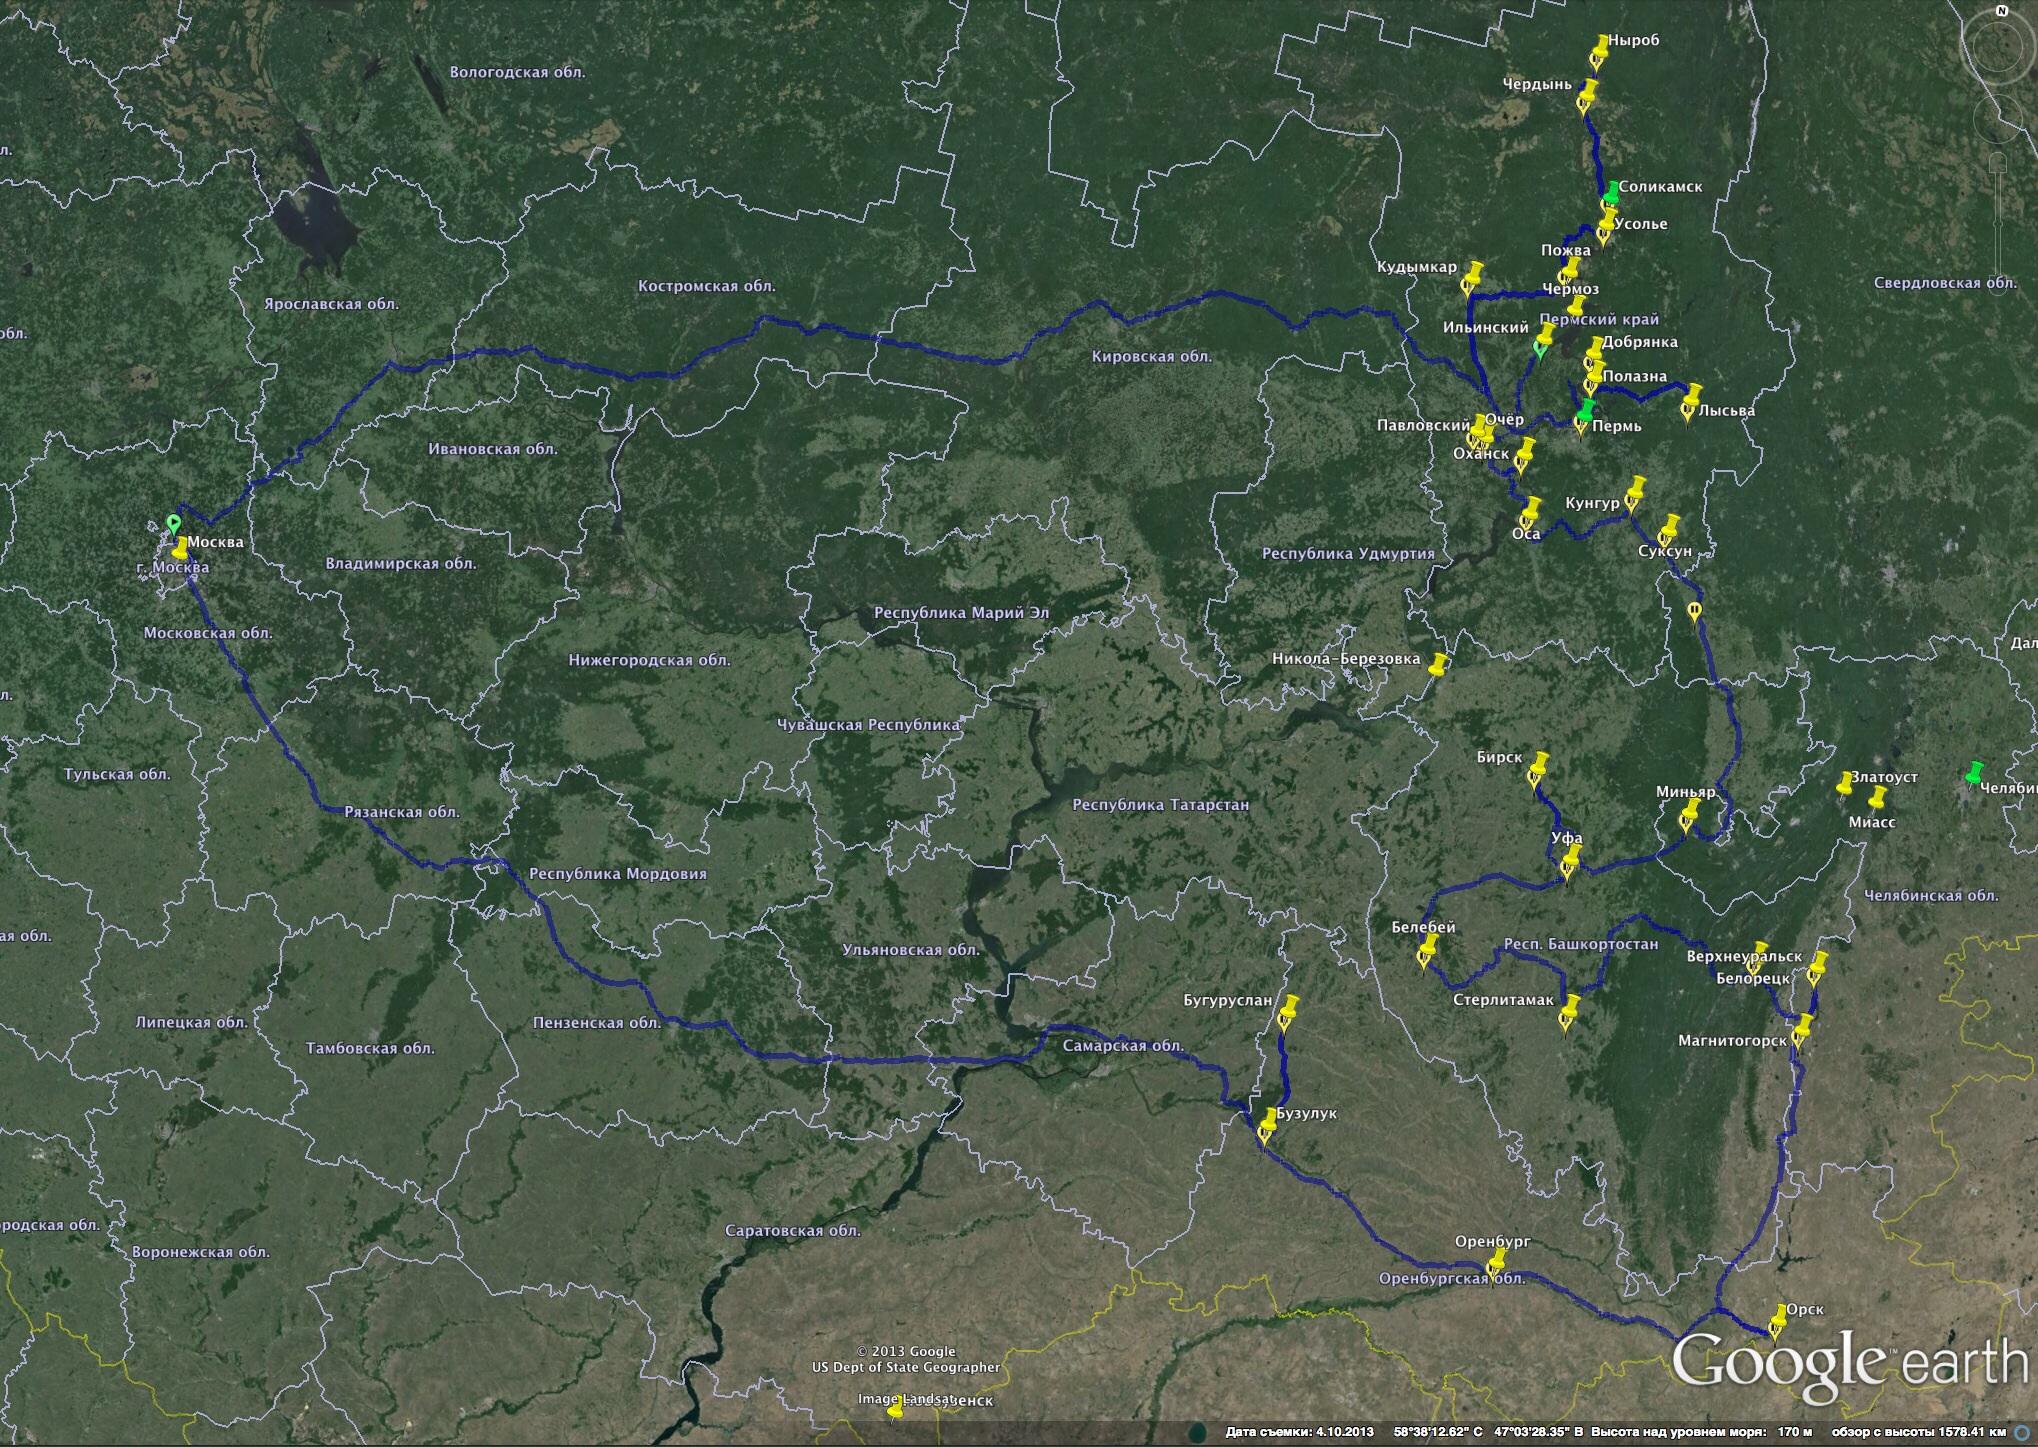 Маршрут «Пермской» экспедиции за наличниками, включая Оренбург, Орск, Верхнеуральск и Белорецк